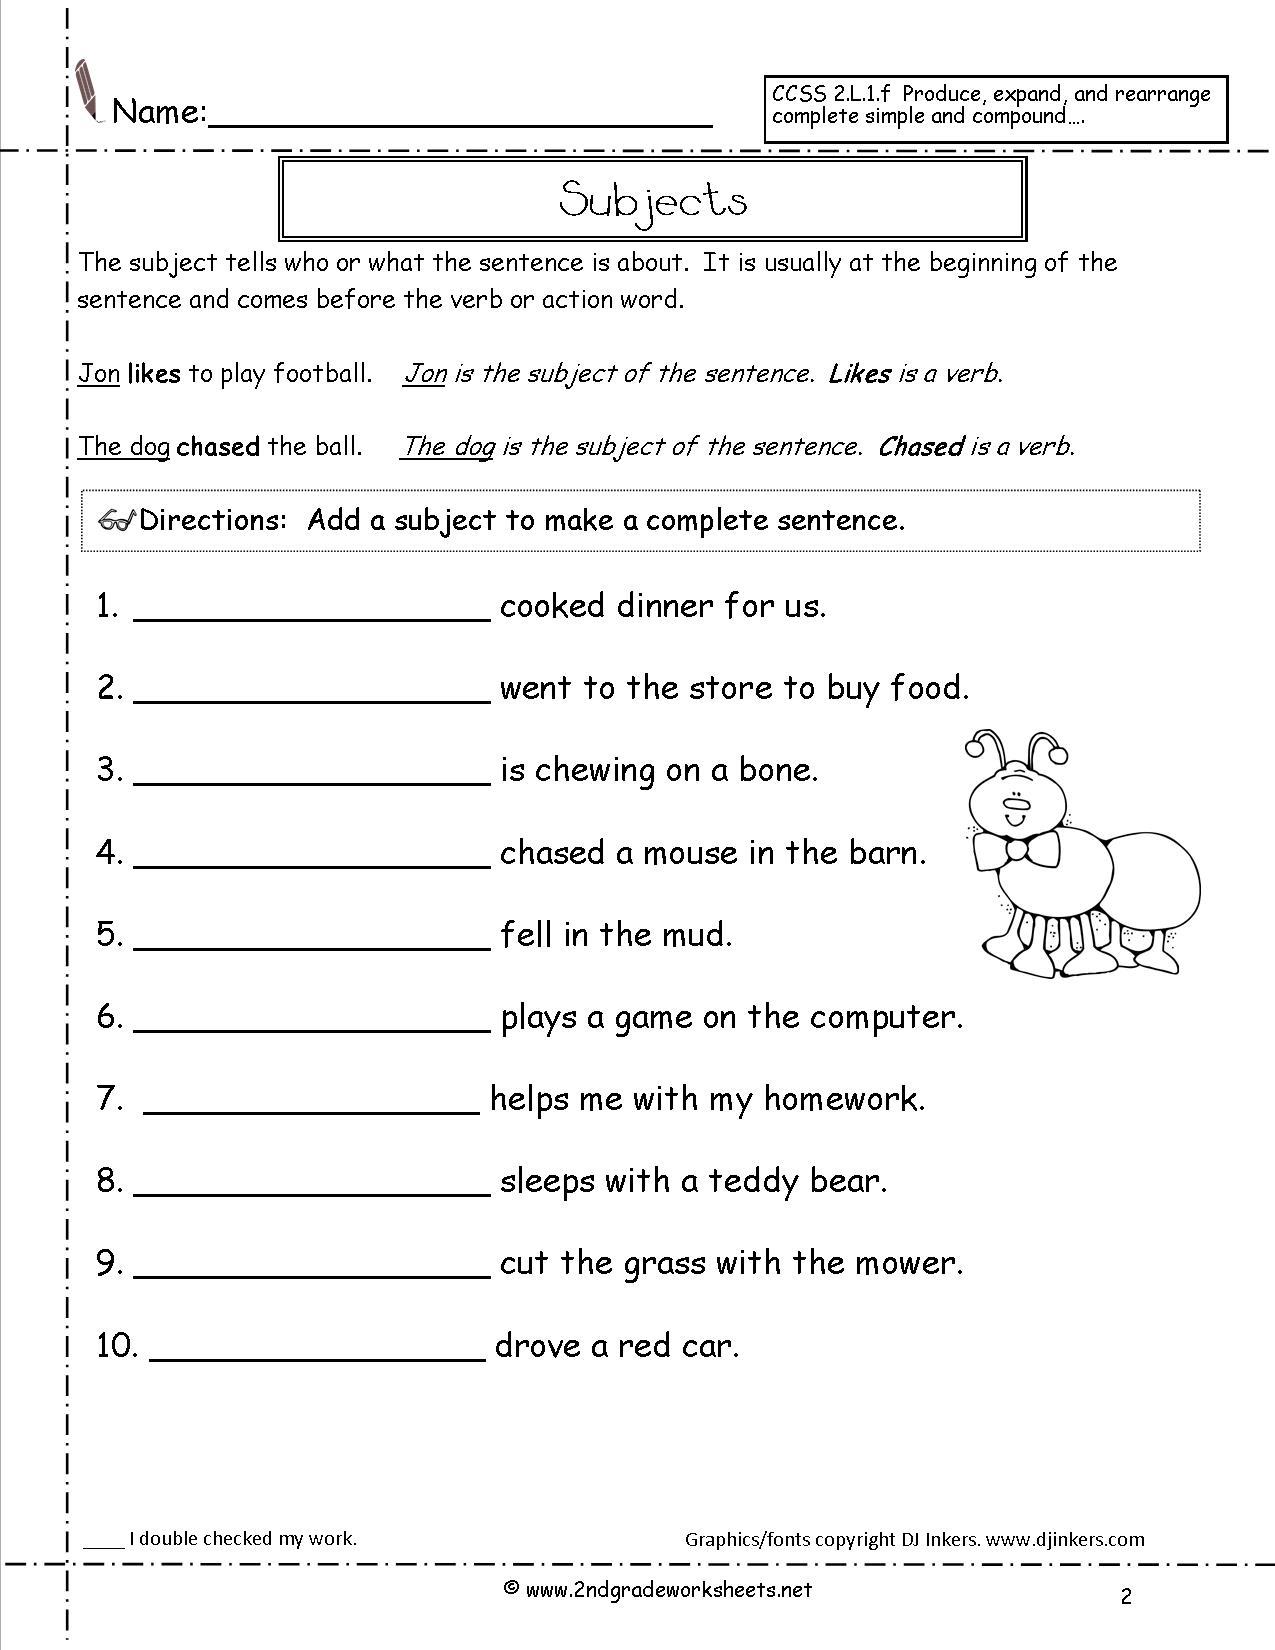 Second Grade Sentences Worksheets, Ccss 2.l.1.f Worksheets. | Free Printable Second Grade Writing Worksheets